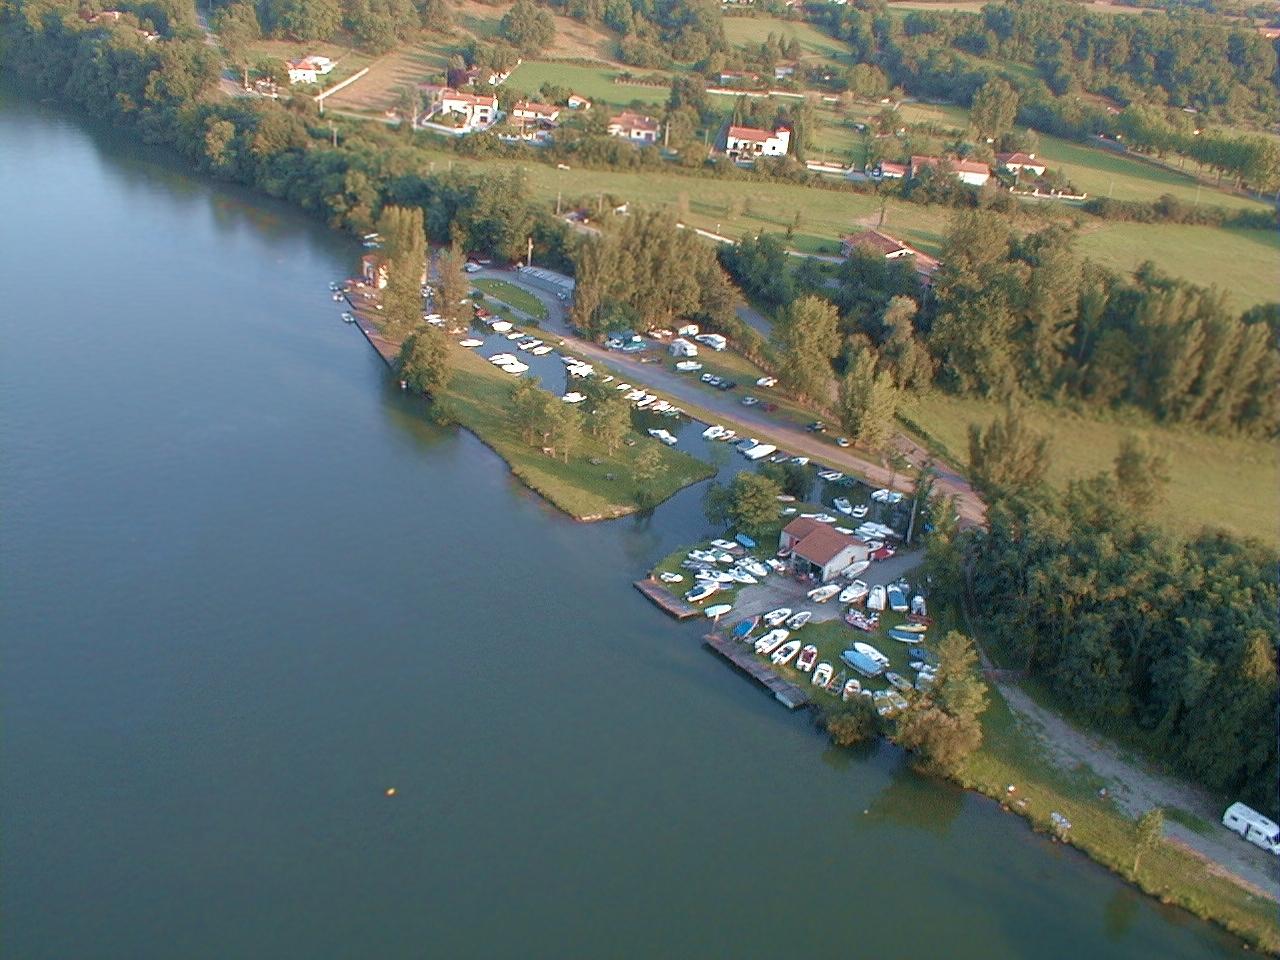 Photo érienne en grand format de Cazeres sur Garonne